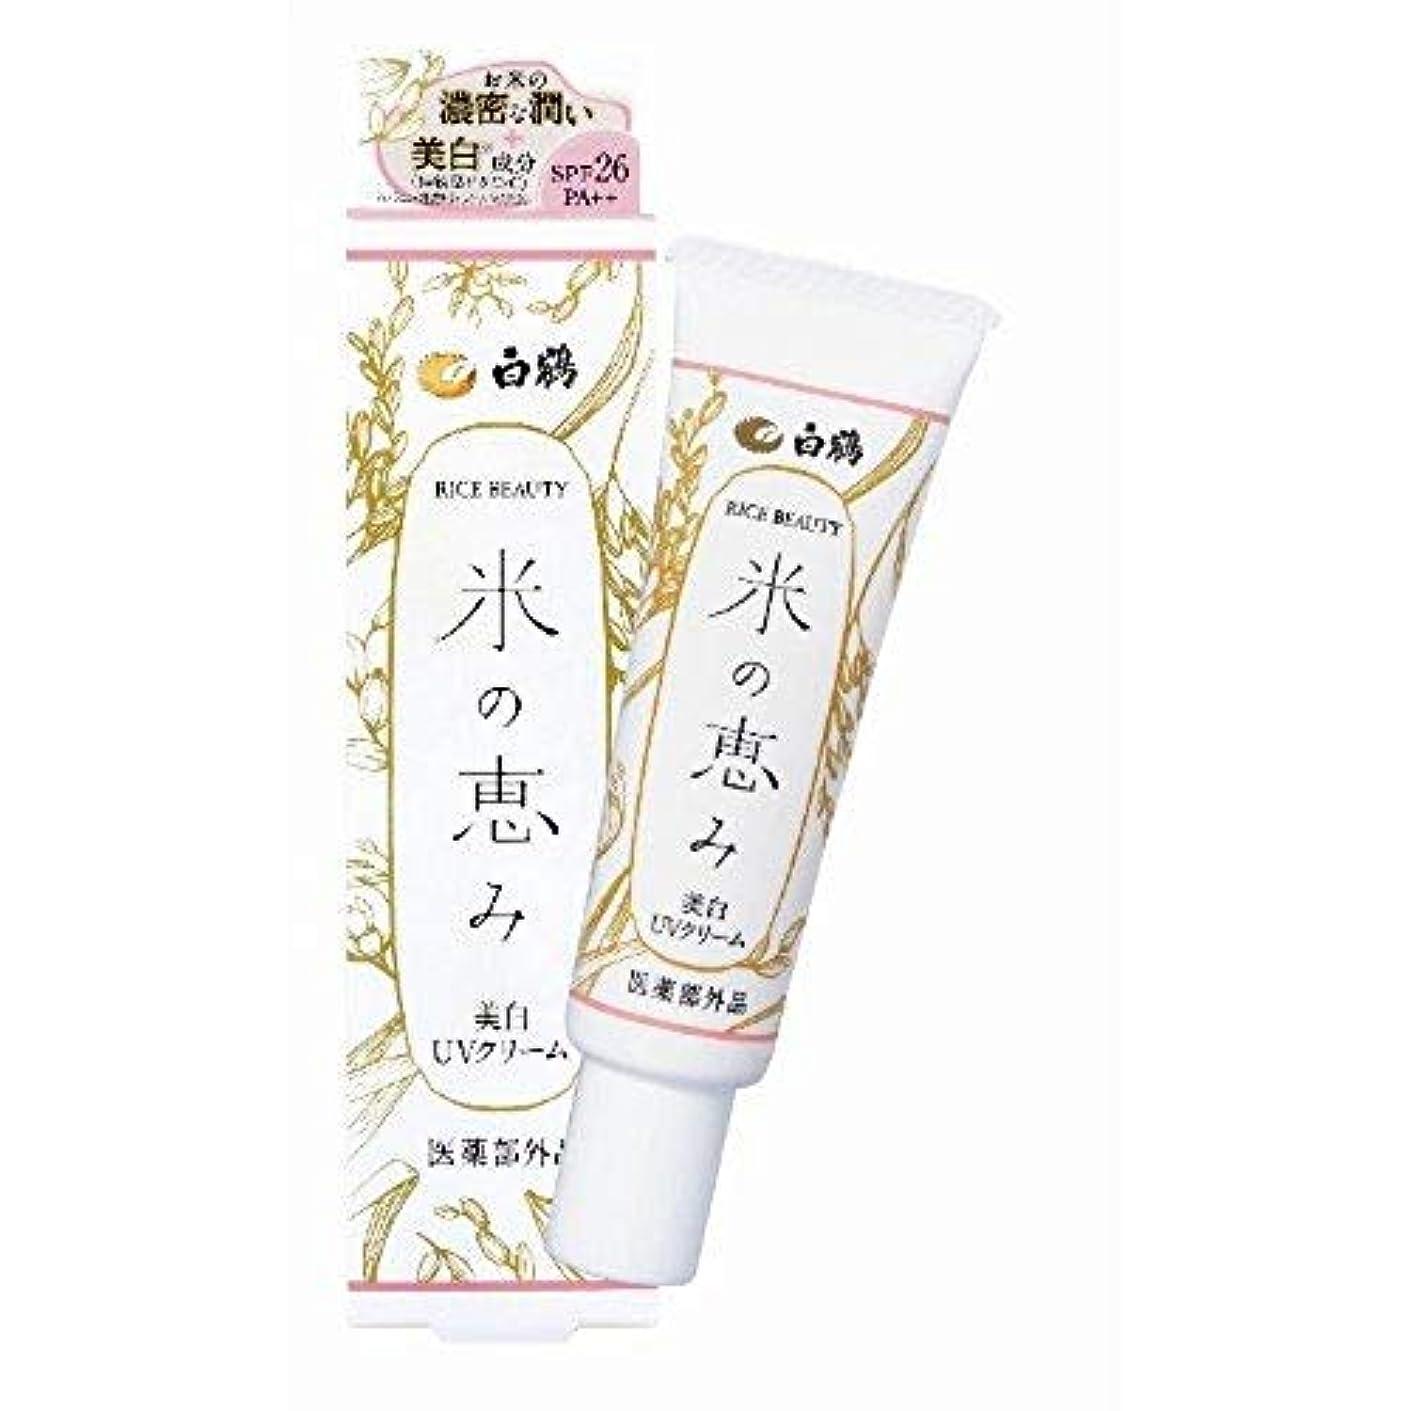 白鶴 ライスビューティー 米の恵み 美白UVクリーム 30g SPF26/PA++ (日焼け止め/医薬部外品)